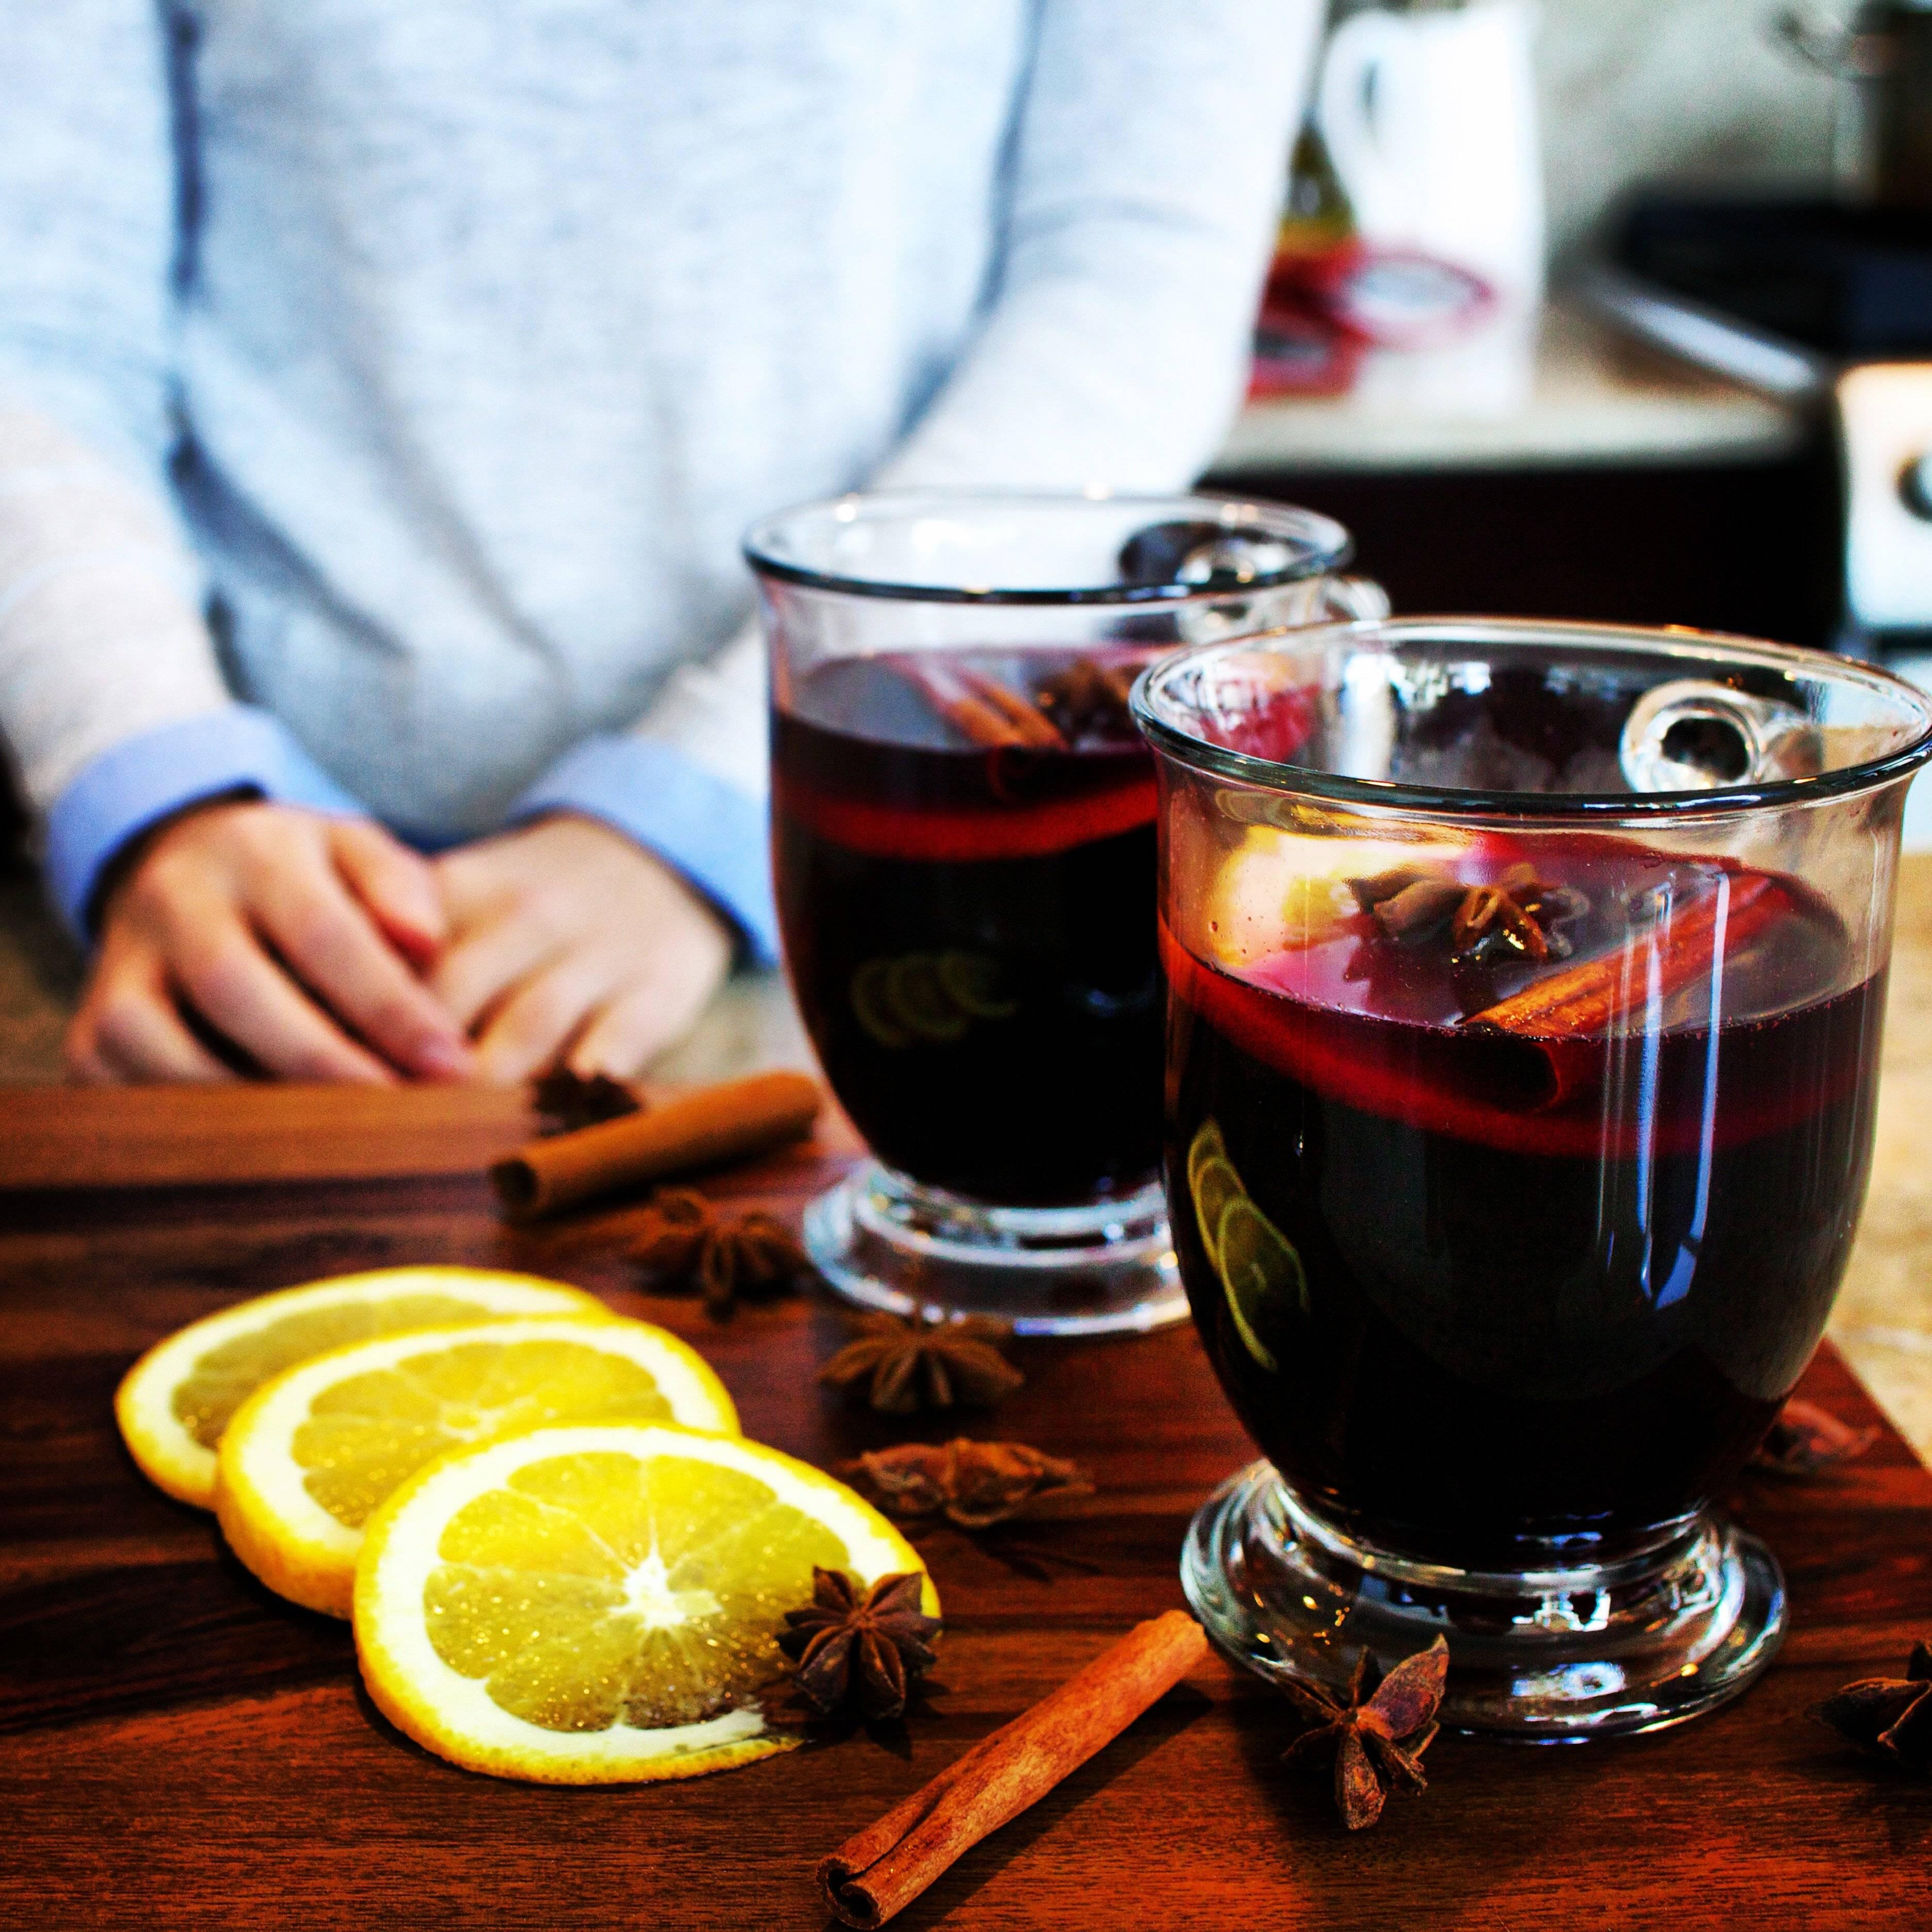 Лучшие алкогольные коктейли на основе кофе, как готовить и ключевые особенности каждого